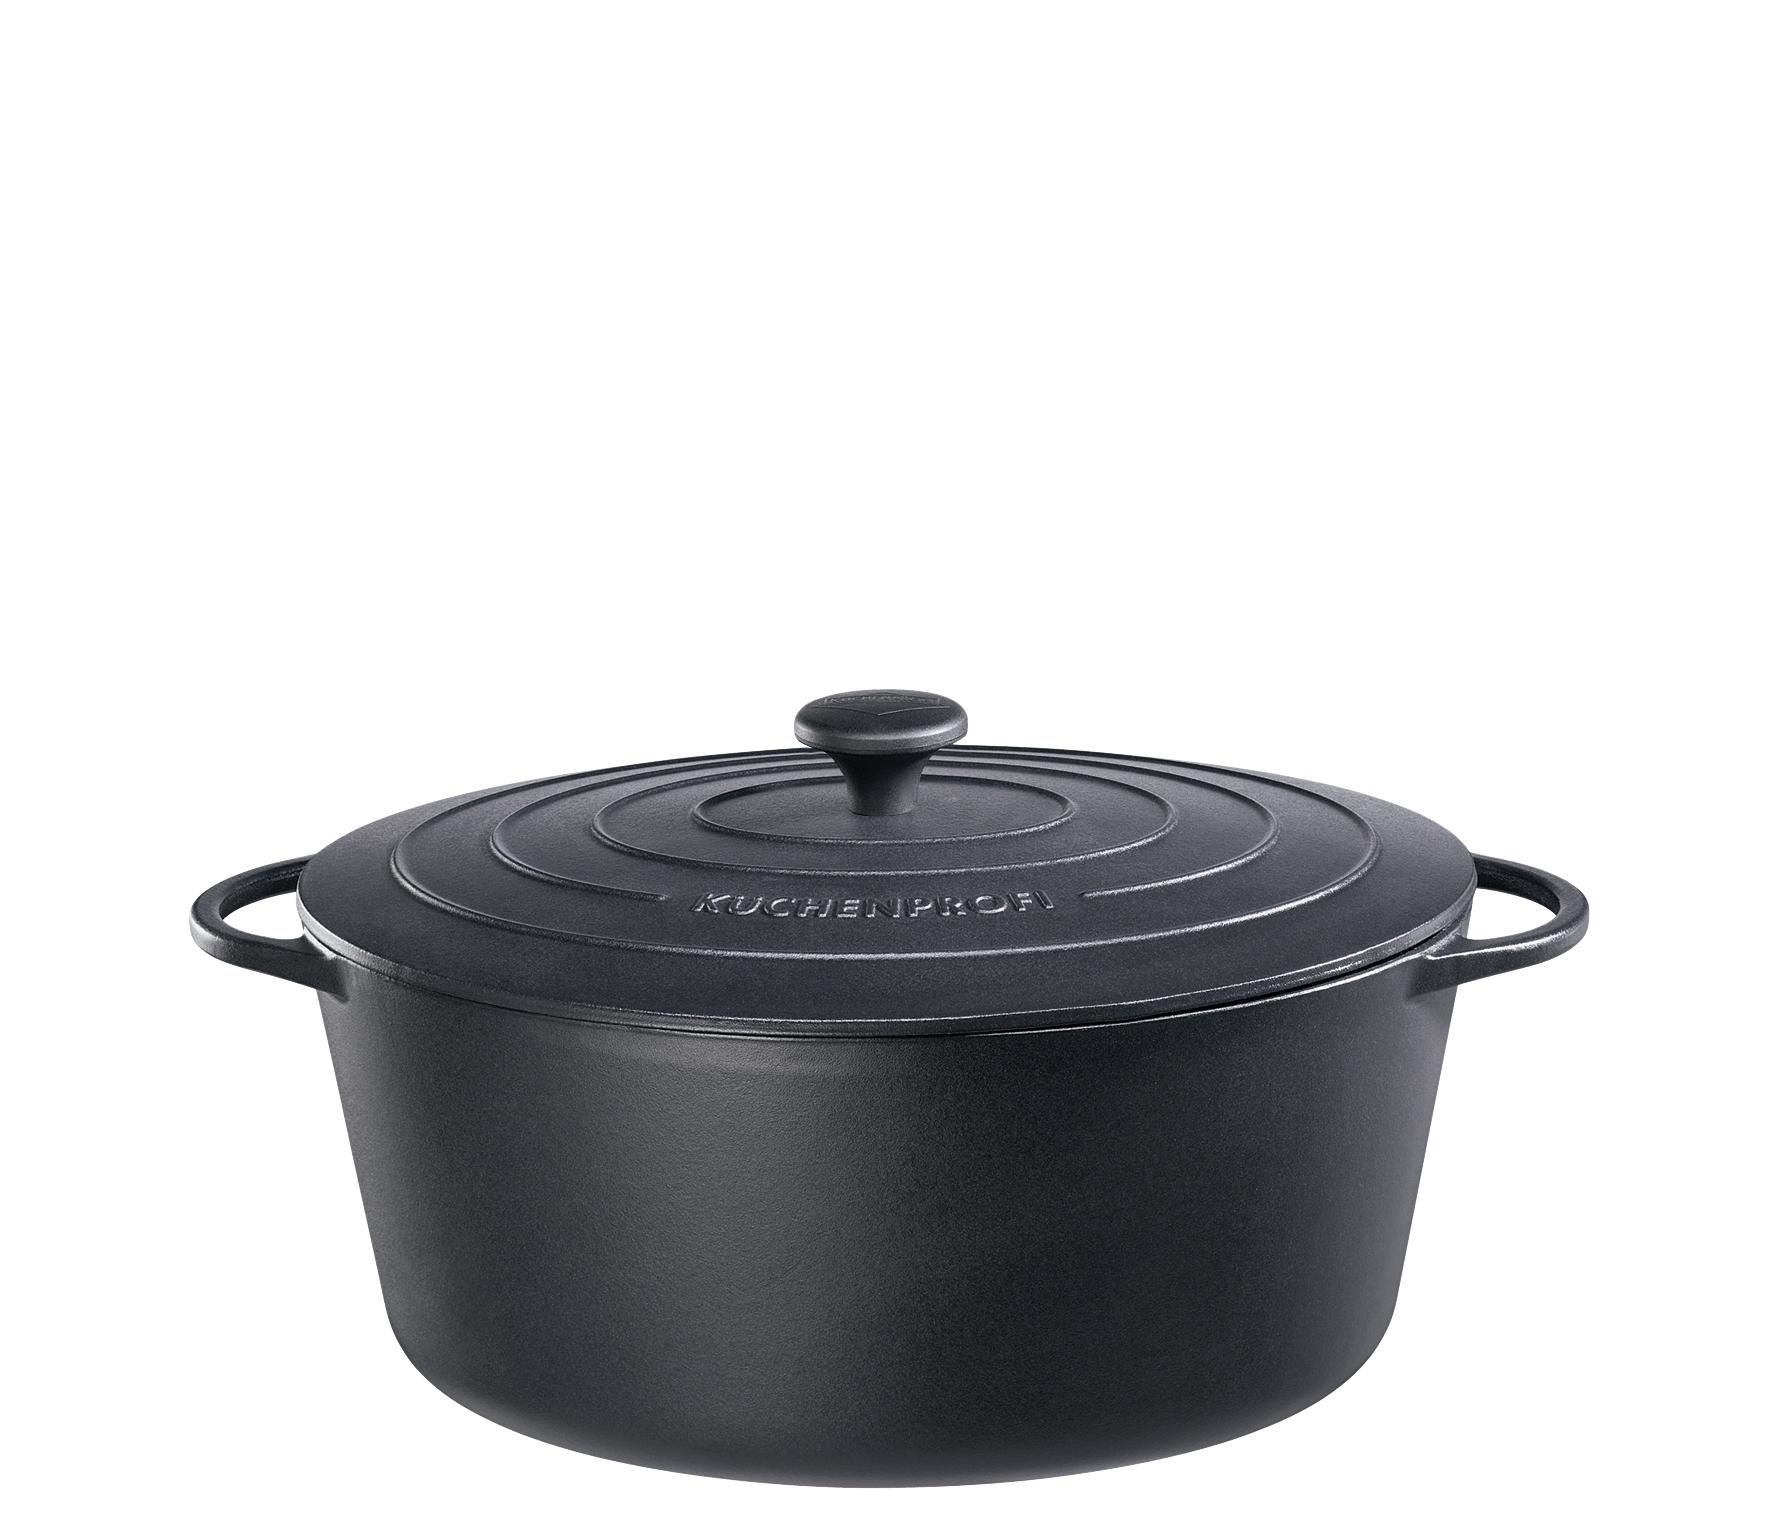 Litinový hrnec 33 cm černý Provence - Küchenprofi